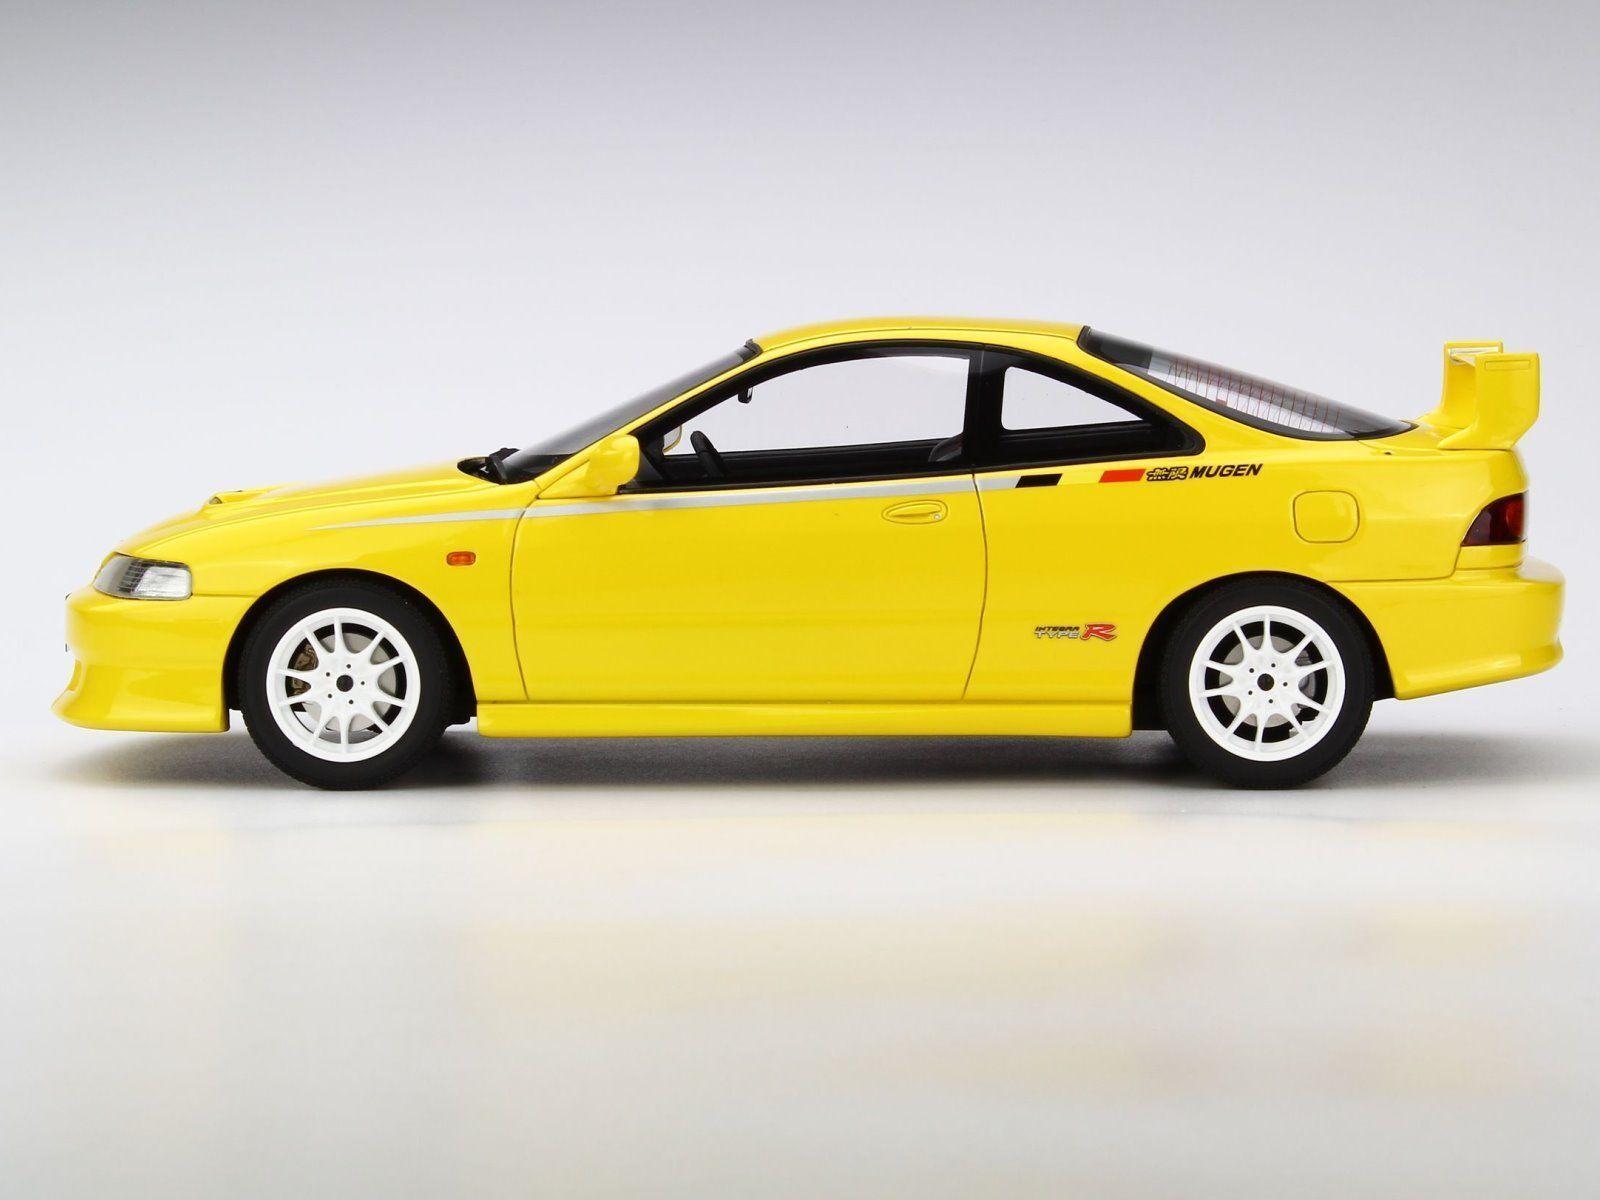 apresurado a ver OT762 1 18 Otto Modelo Mugen Honda Integra Tipo Tipo Tipo R DC2 Amarillo 300 piezas  venta al por mayor barato